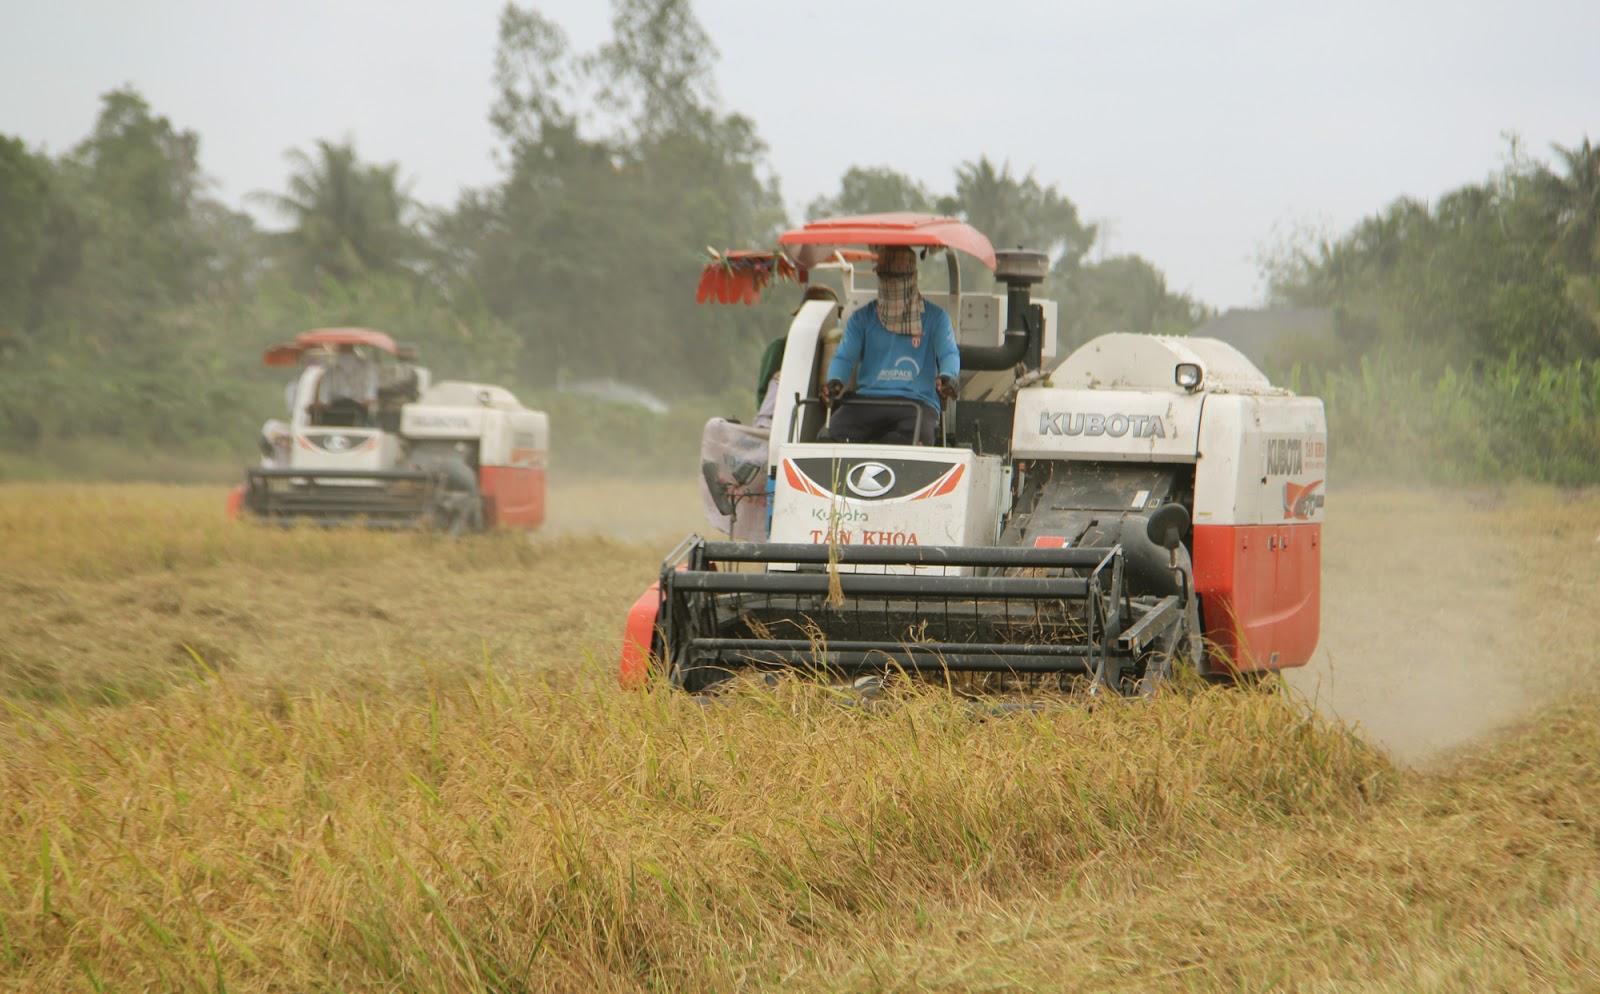 Xuất khẩu gạo sang EU đòi hỏi phải đảm bảo các tiêu chuẩn trong trồng, chăm sóc, thu hoạch và bảo quản lúa gạo. Trong ảnh: Thu hoạch lúa ở Cần Thơ. Ảnh: Huỳnh Xây.